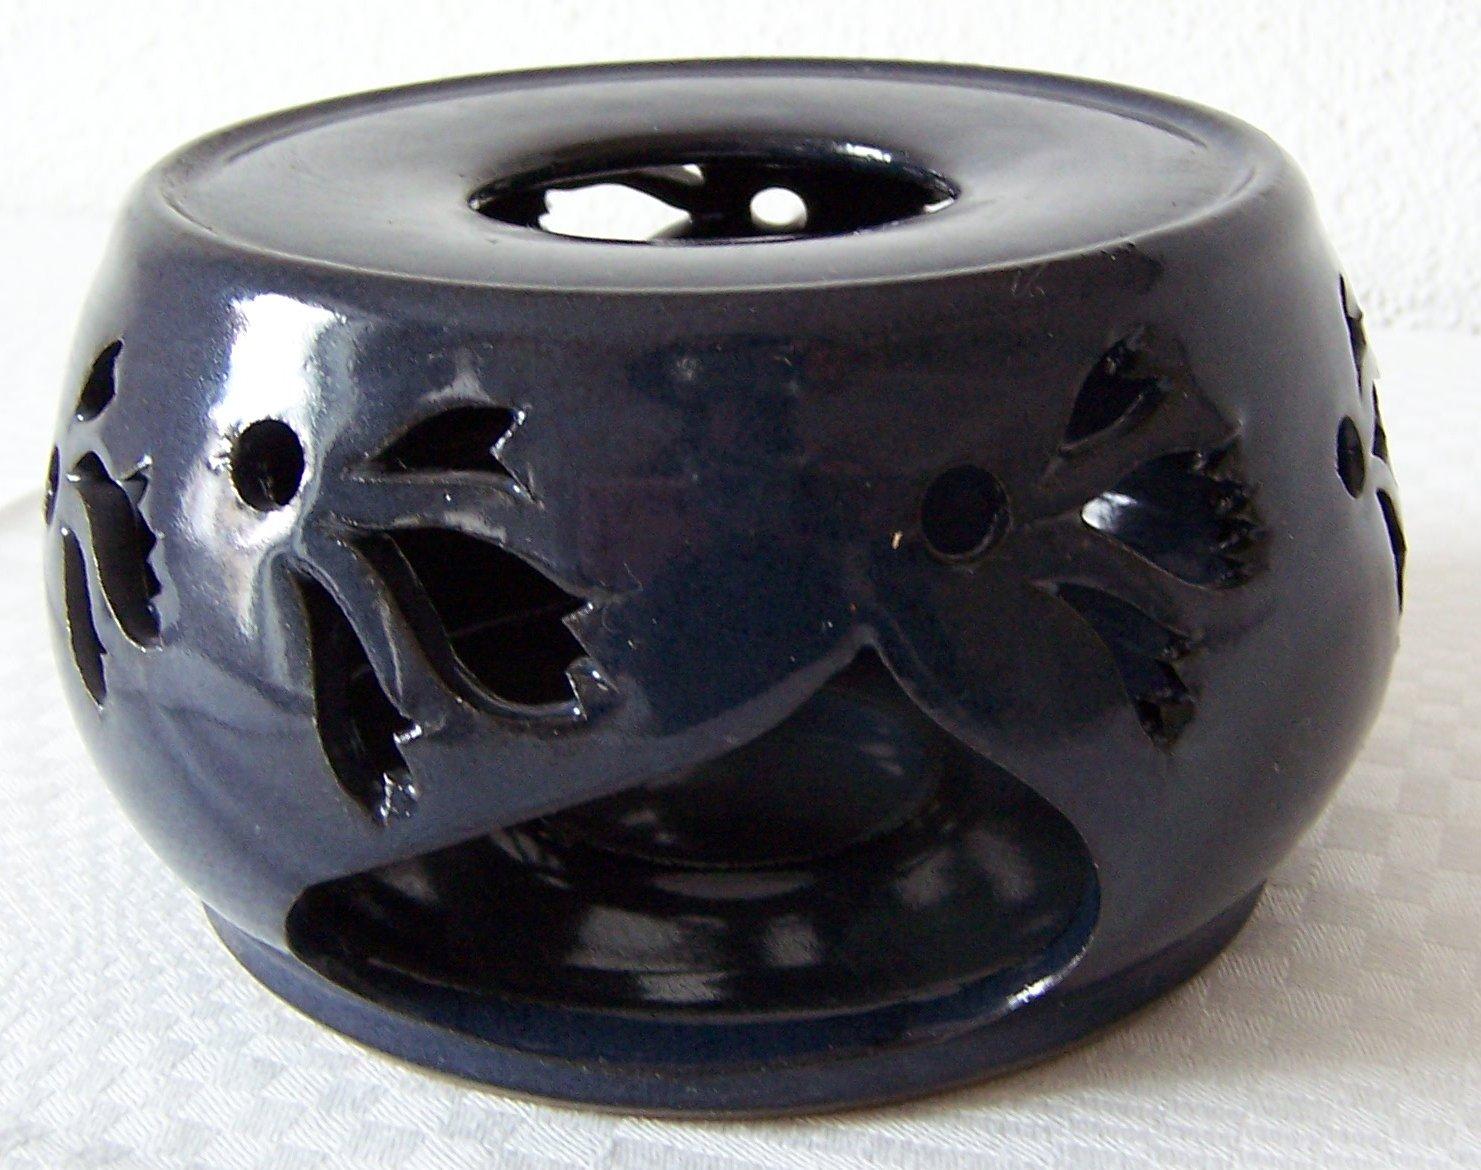 Töpferei Annett Fischer SV1 Stövchen blau Stövchen Keramik handgetöpfert Höhe 7 cm Durchmesser 11 cm